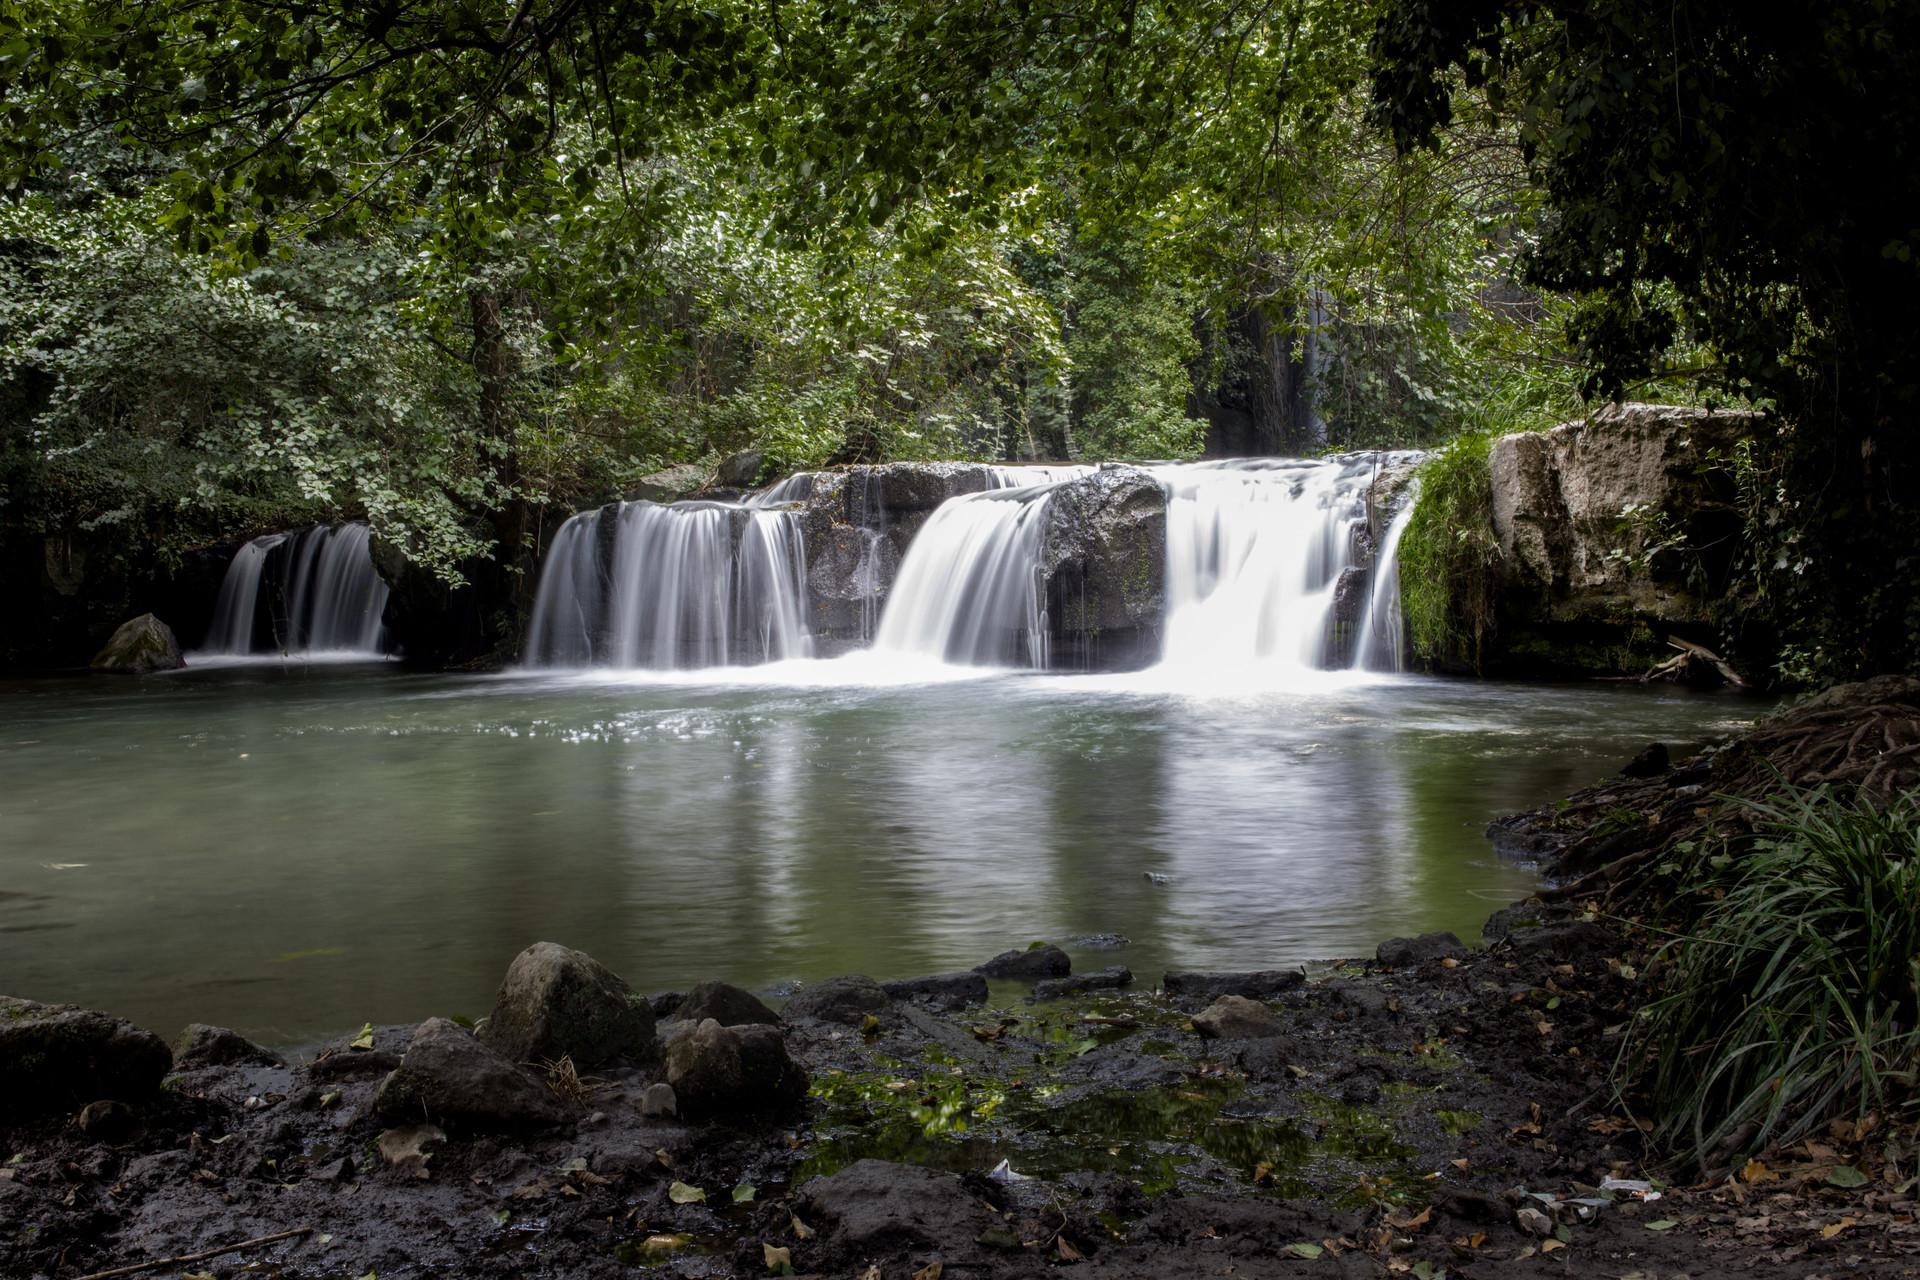 las-cascadas-monte-gelato-aed155ea8b6eca